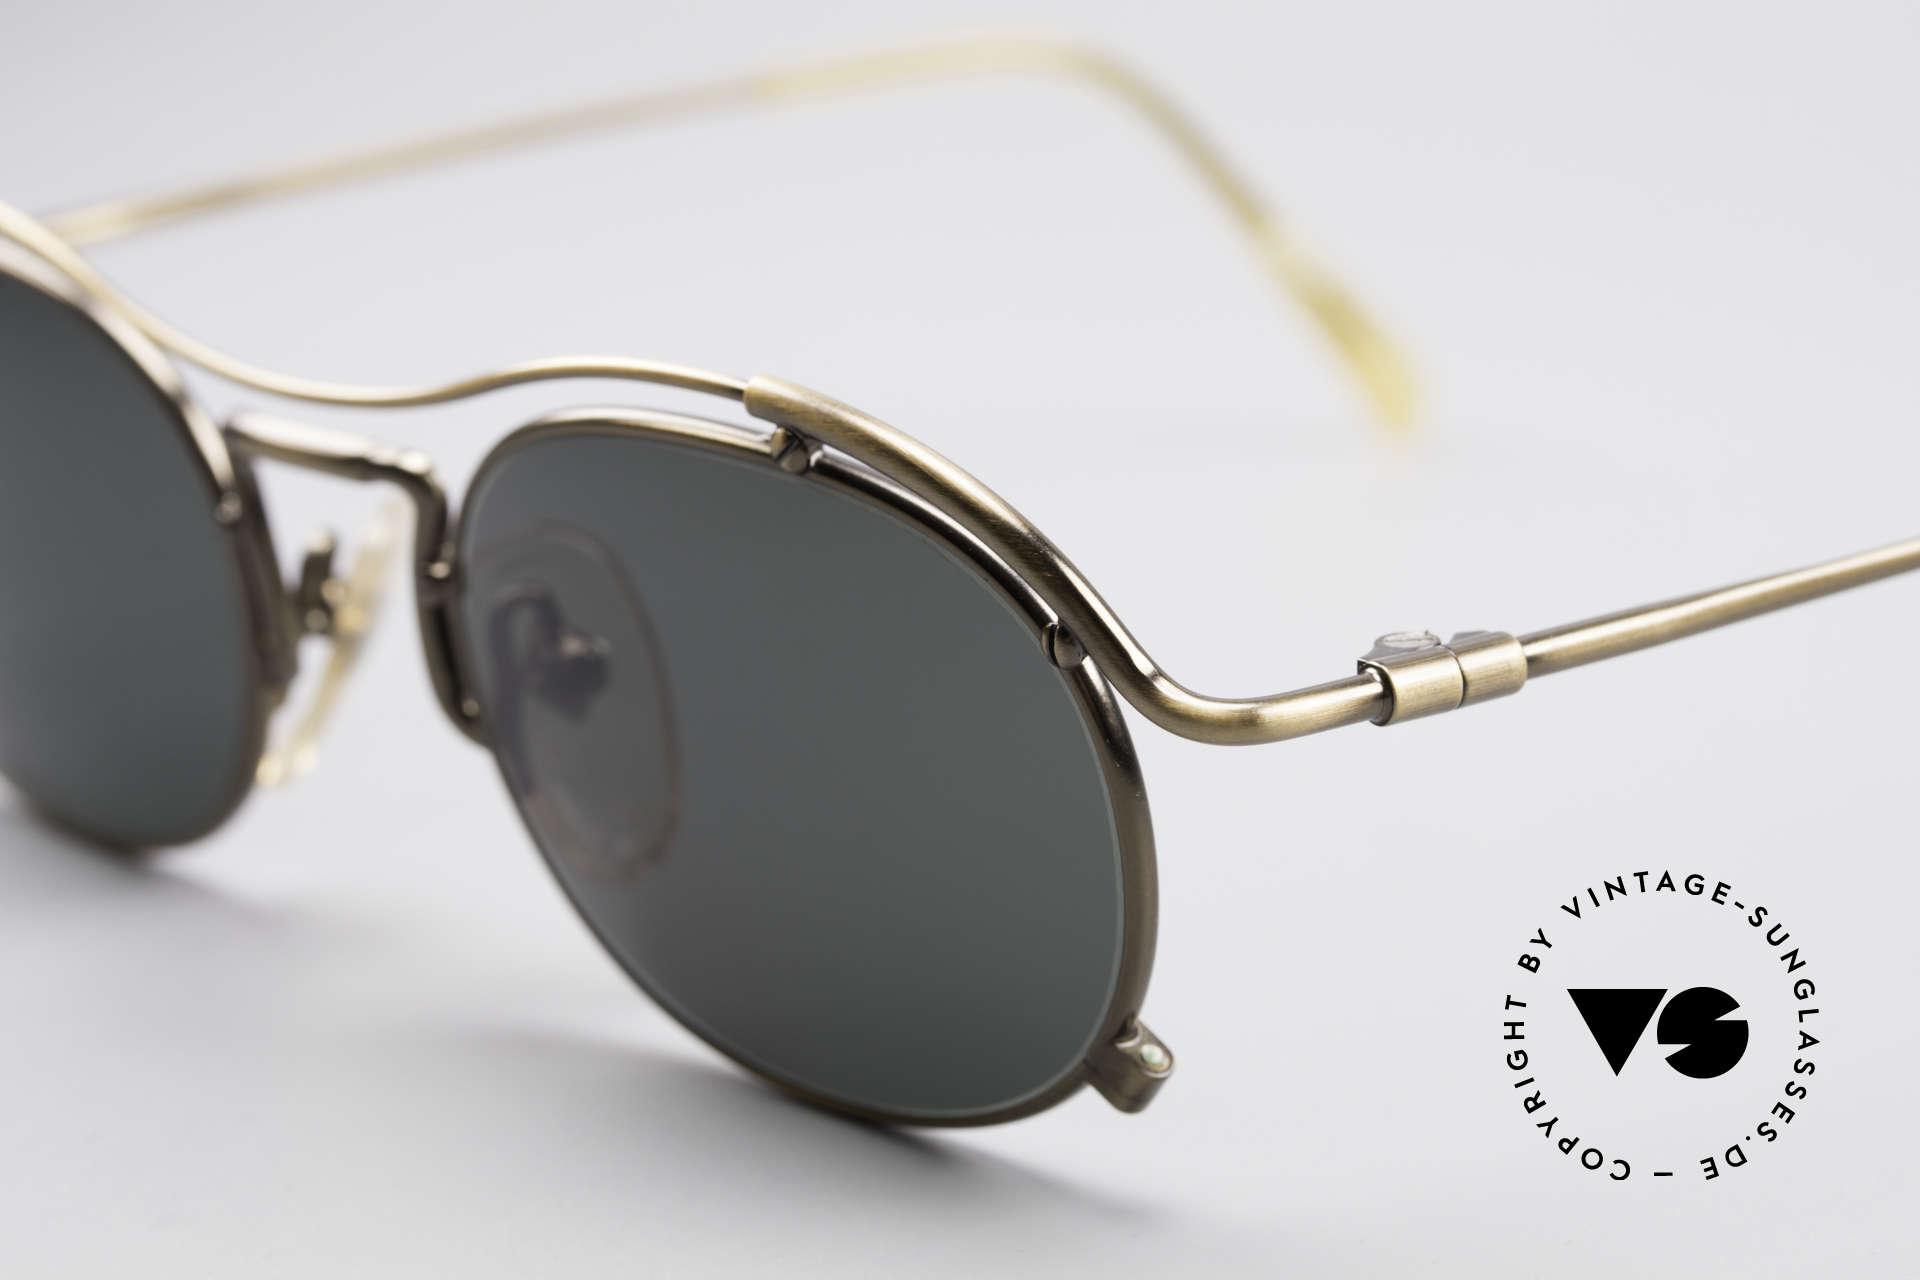 Jean Paul Gaultier 55-2170 No Retro 90er Sonnenbrille, außergewöhnliche Spitzen-Qualität; made in Japan, Passend für Herren und Damen